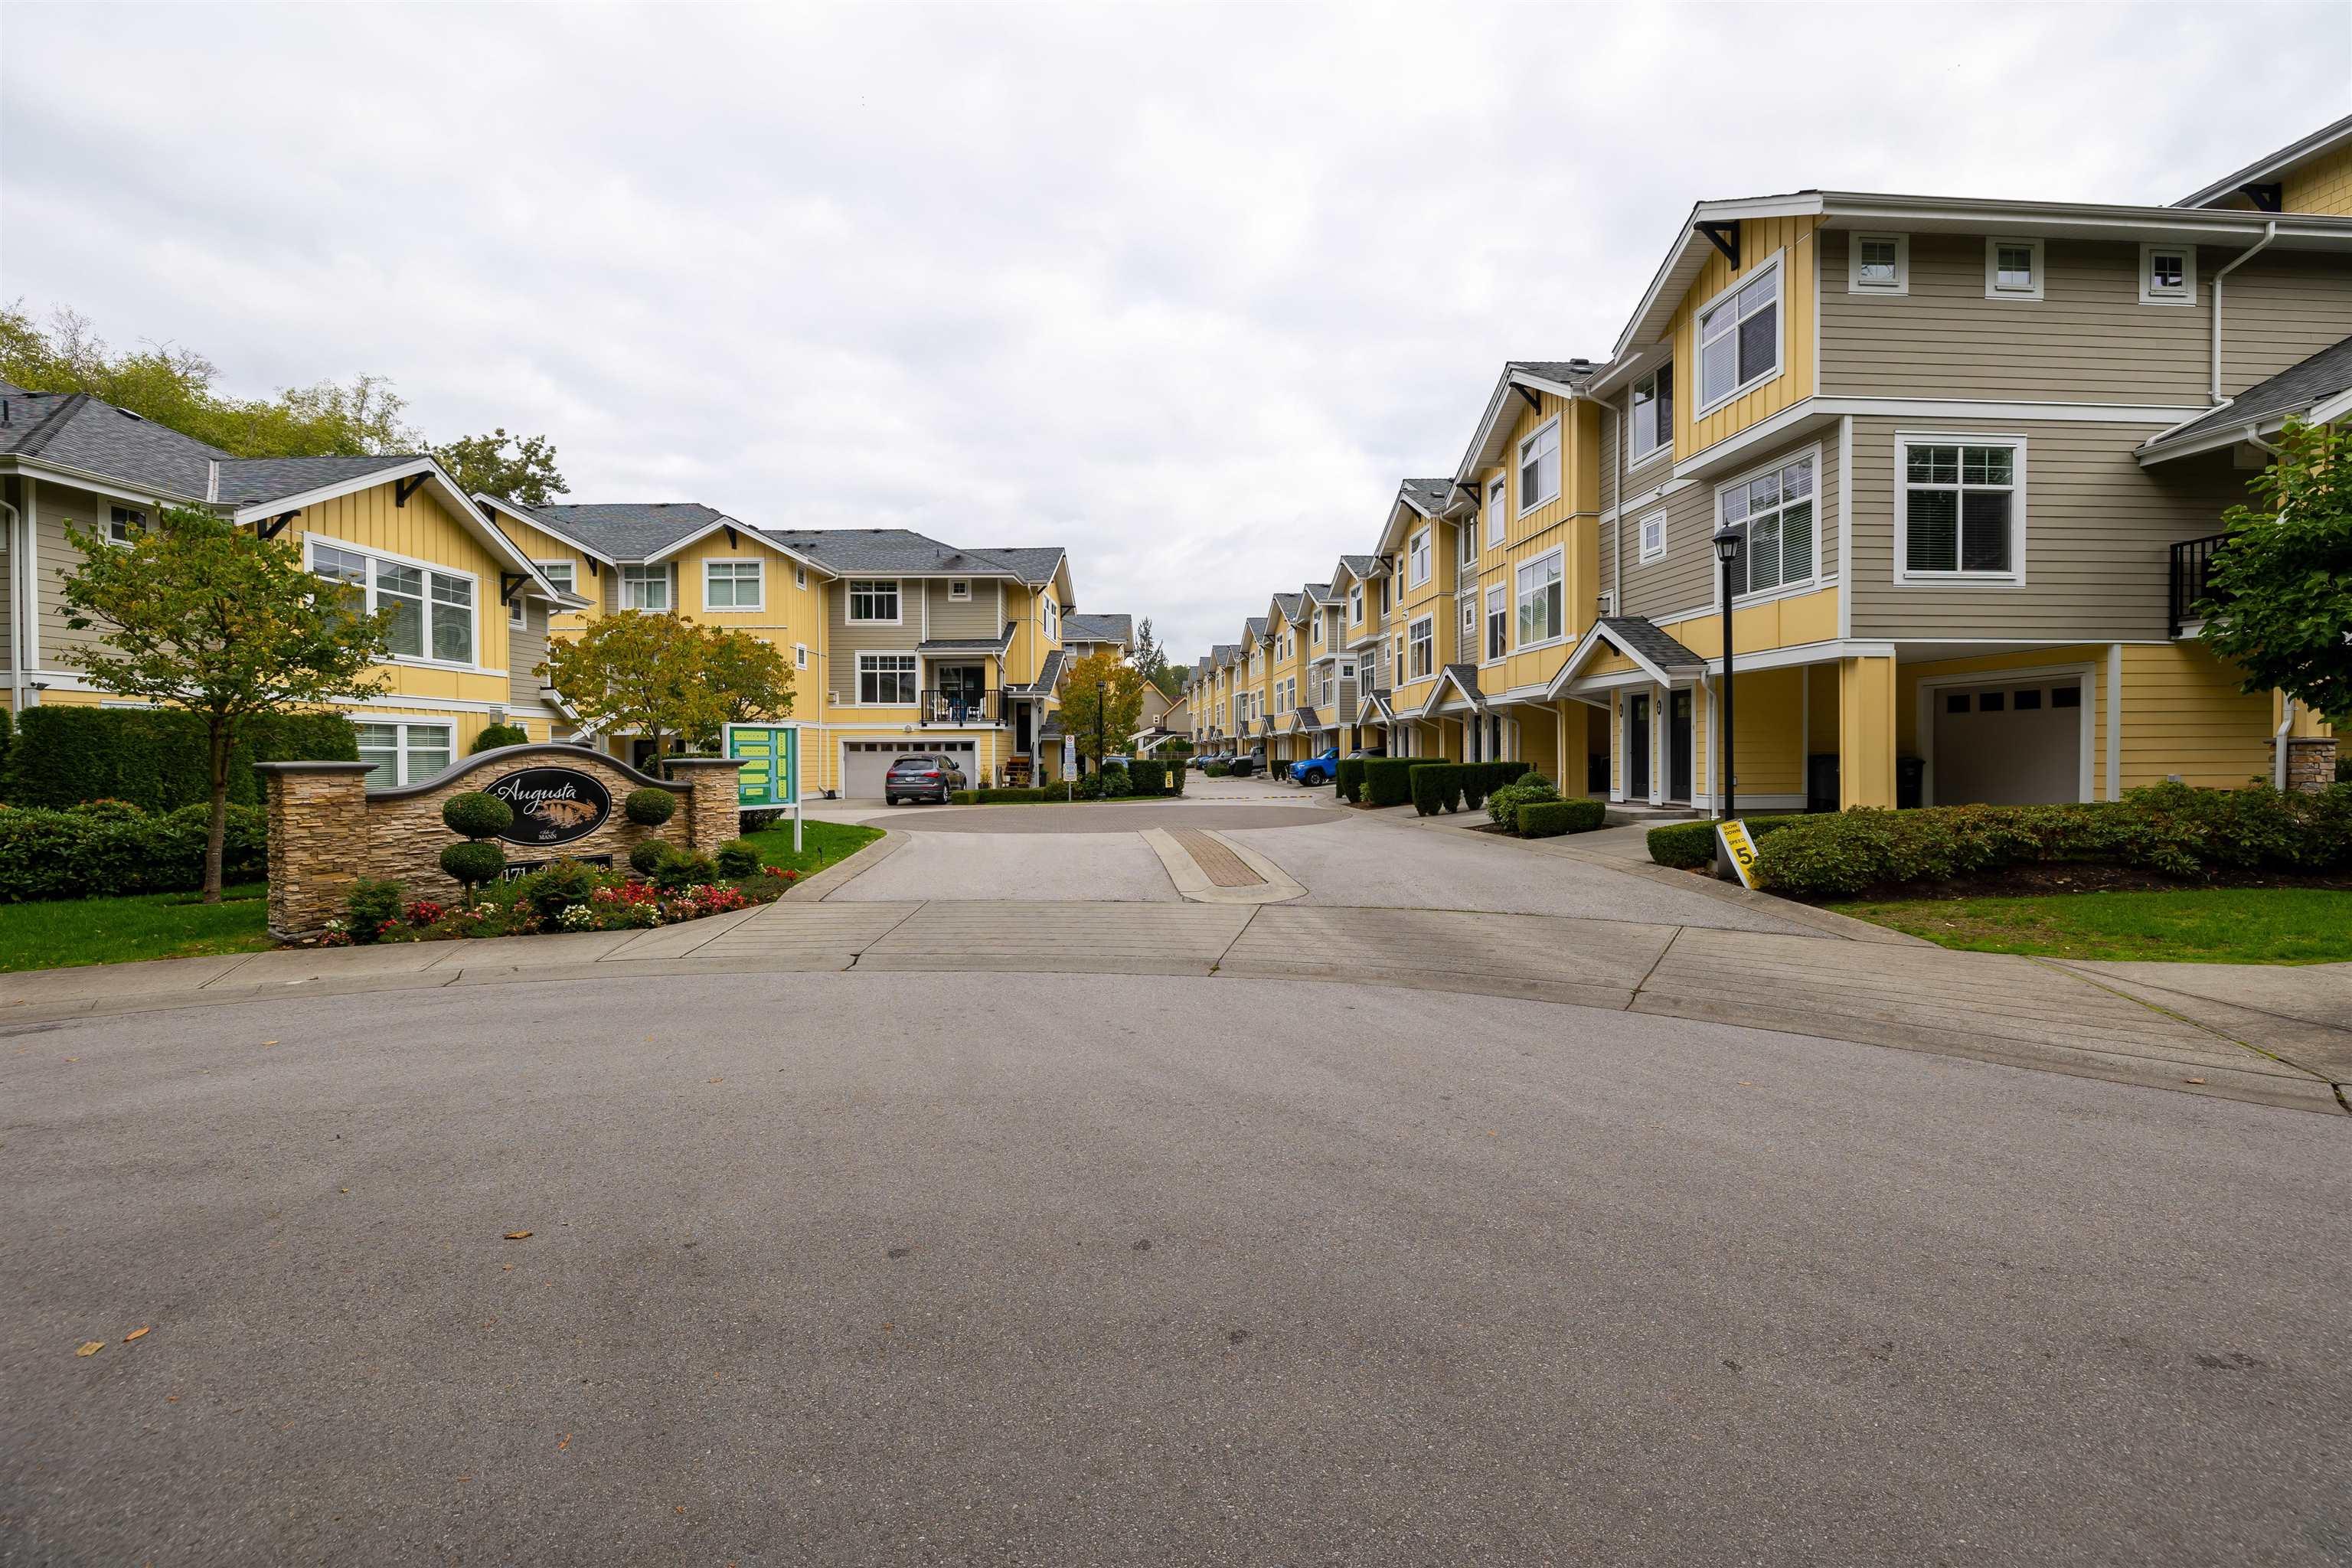 29 17171 2B AVENUE - Pacific Douglas Townhouse for sale, 3 Bedrooms (R2625037) - #39